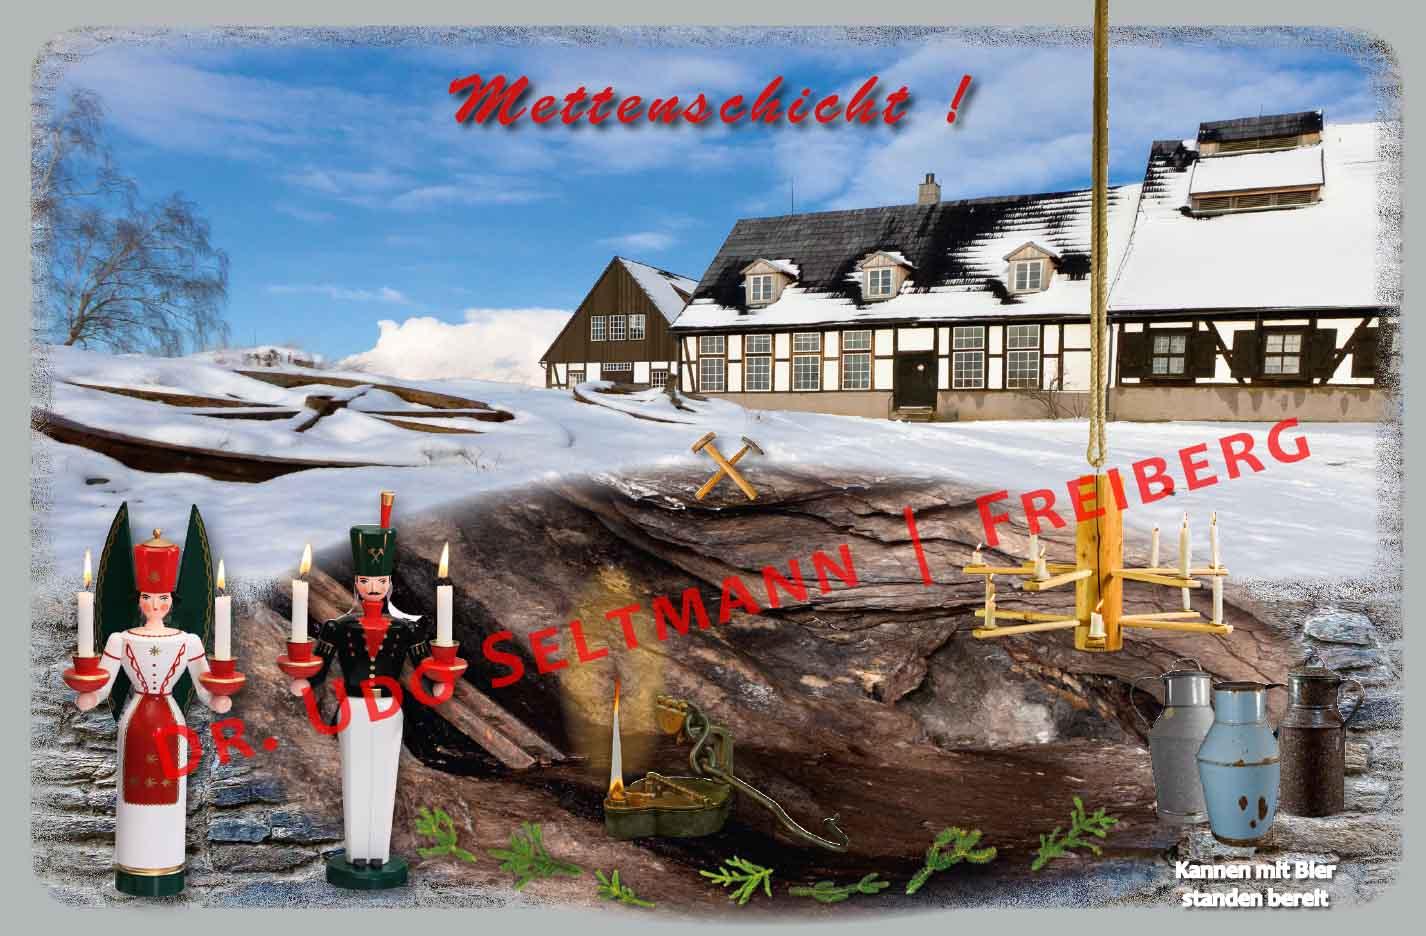 GK-Mettenschicht-Silber_Thub-USel